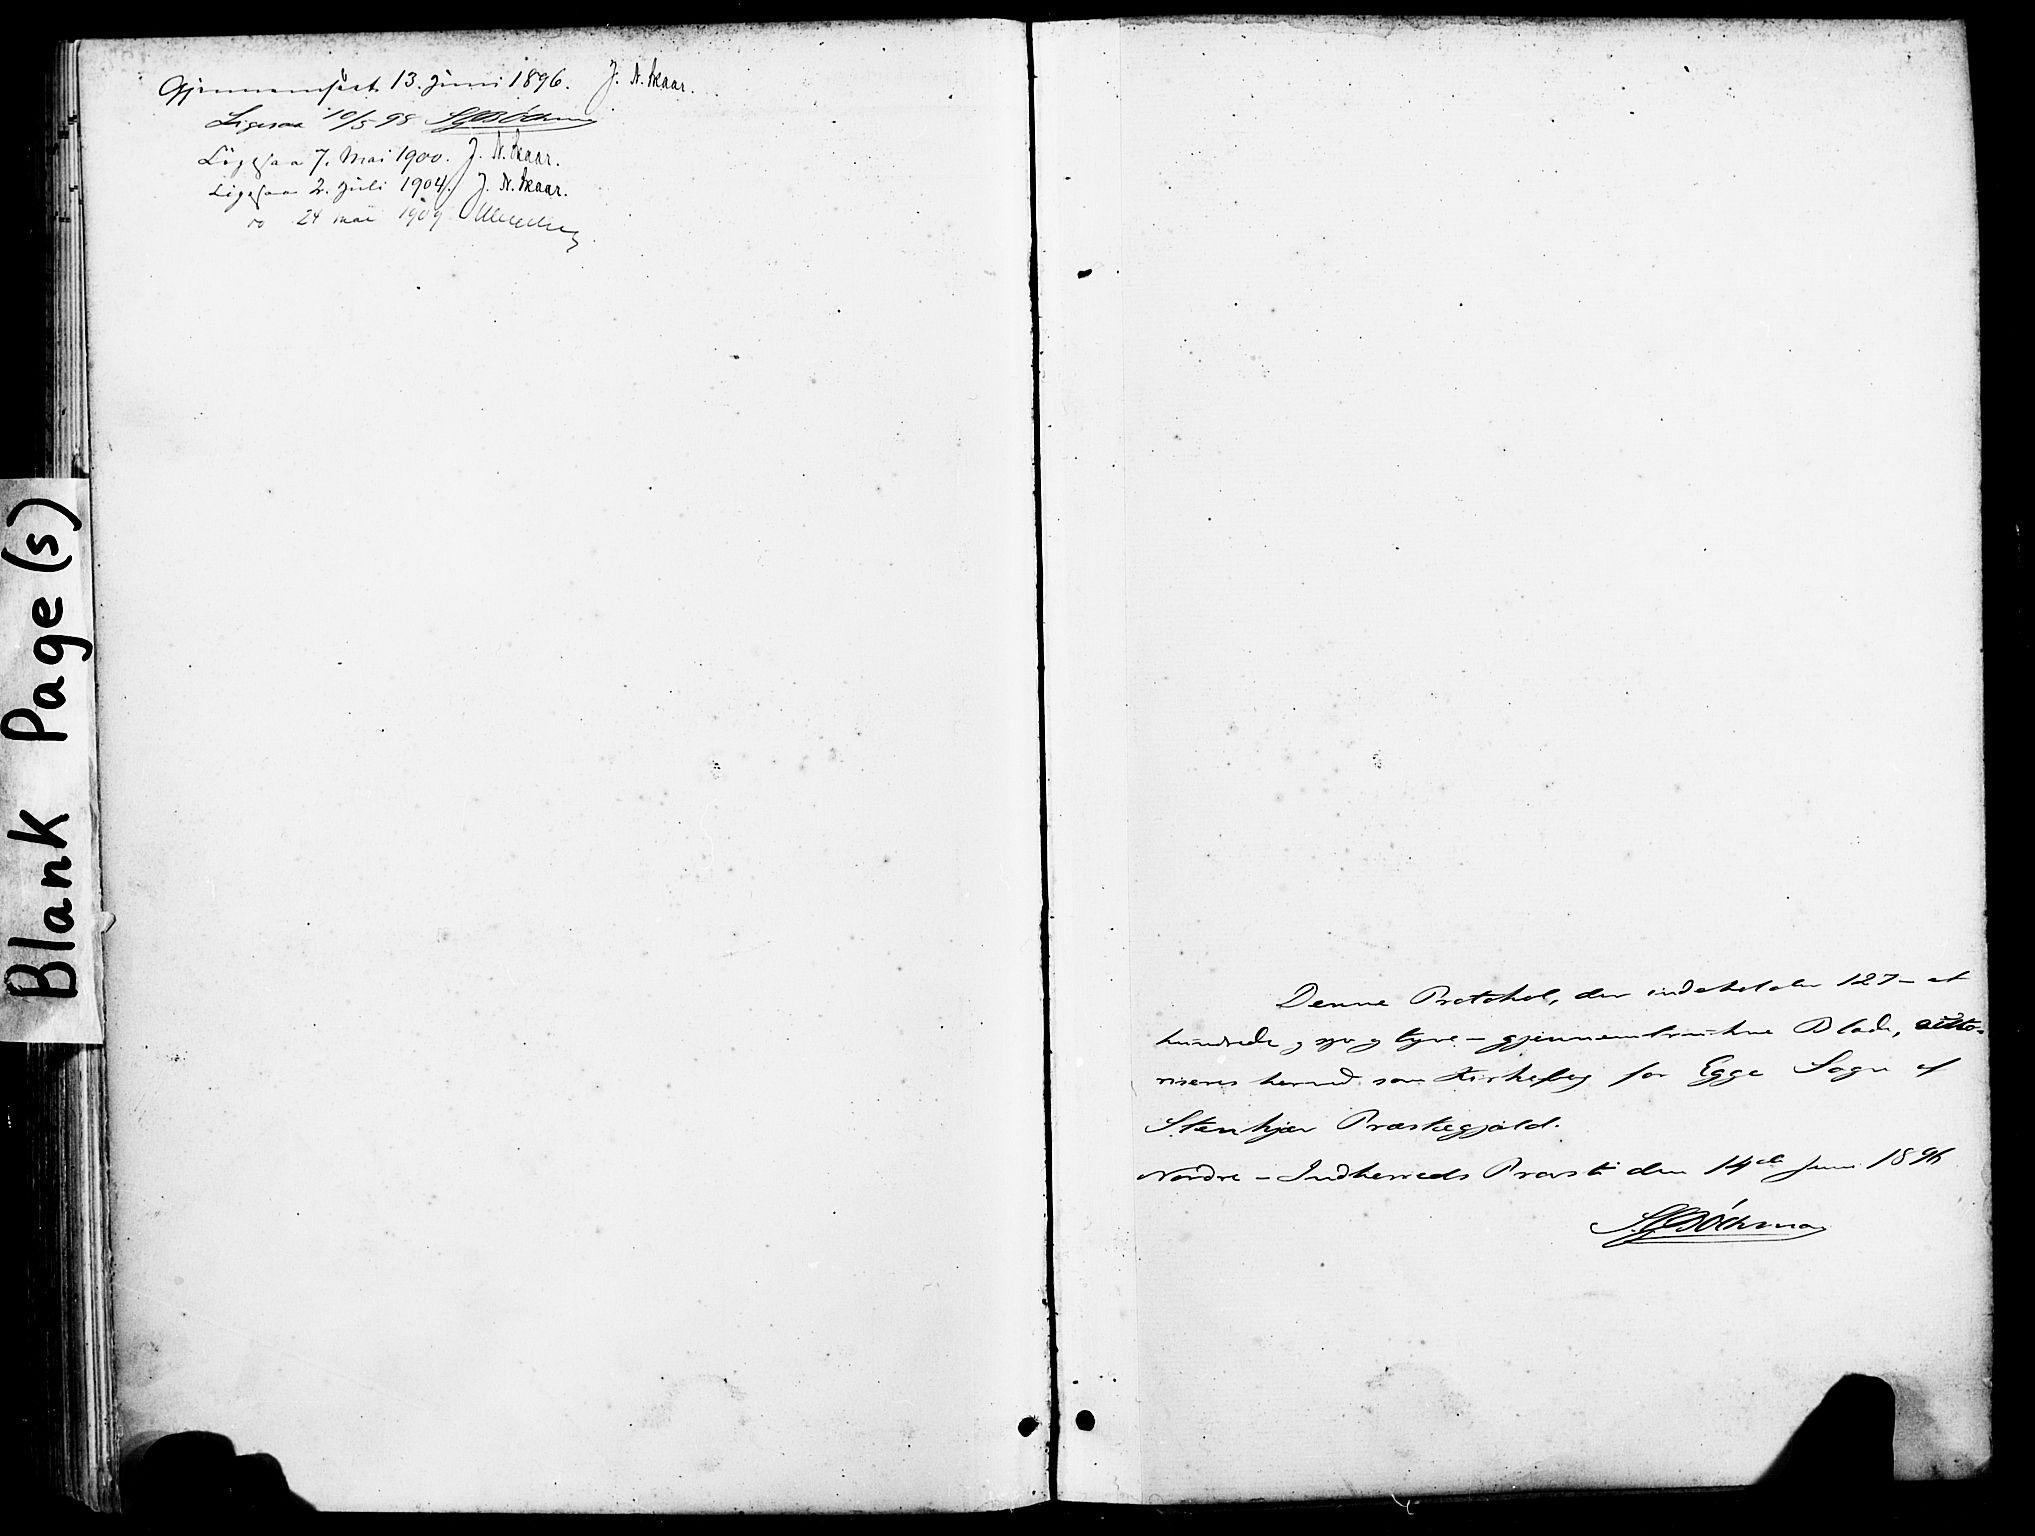 SAT, Ministerialprotokoller, klokkerbøker og fødselsregistre - Nord-Trøndelag, 740/L0379: Ministerialbok nr. 740A02, 1895-1907